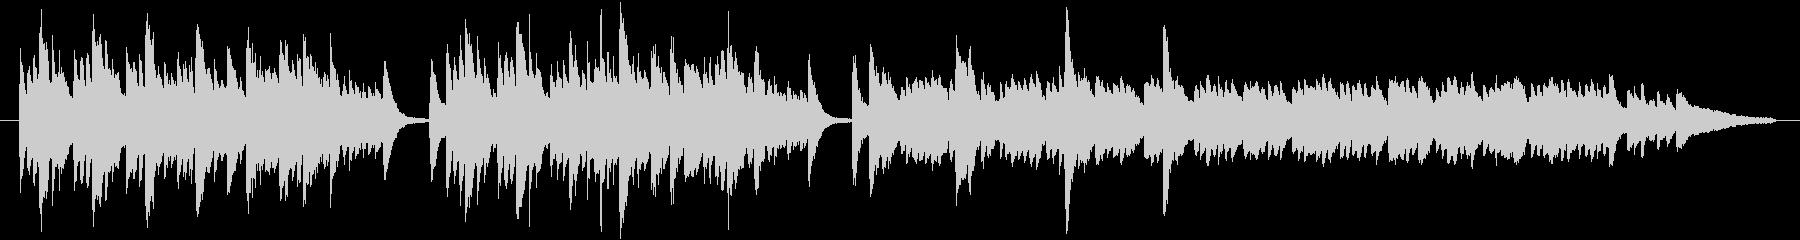 神秘的な雰囲気のピアノ曲です。リバーブ…の未再生の波形